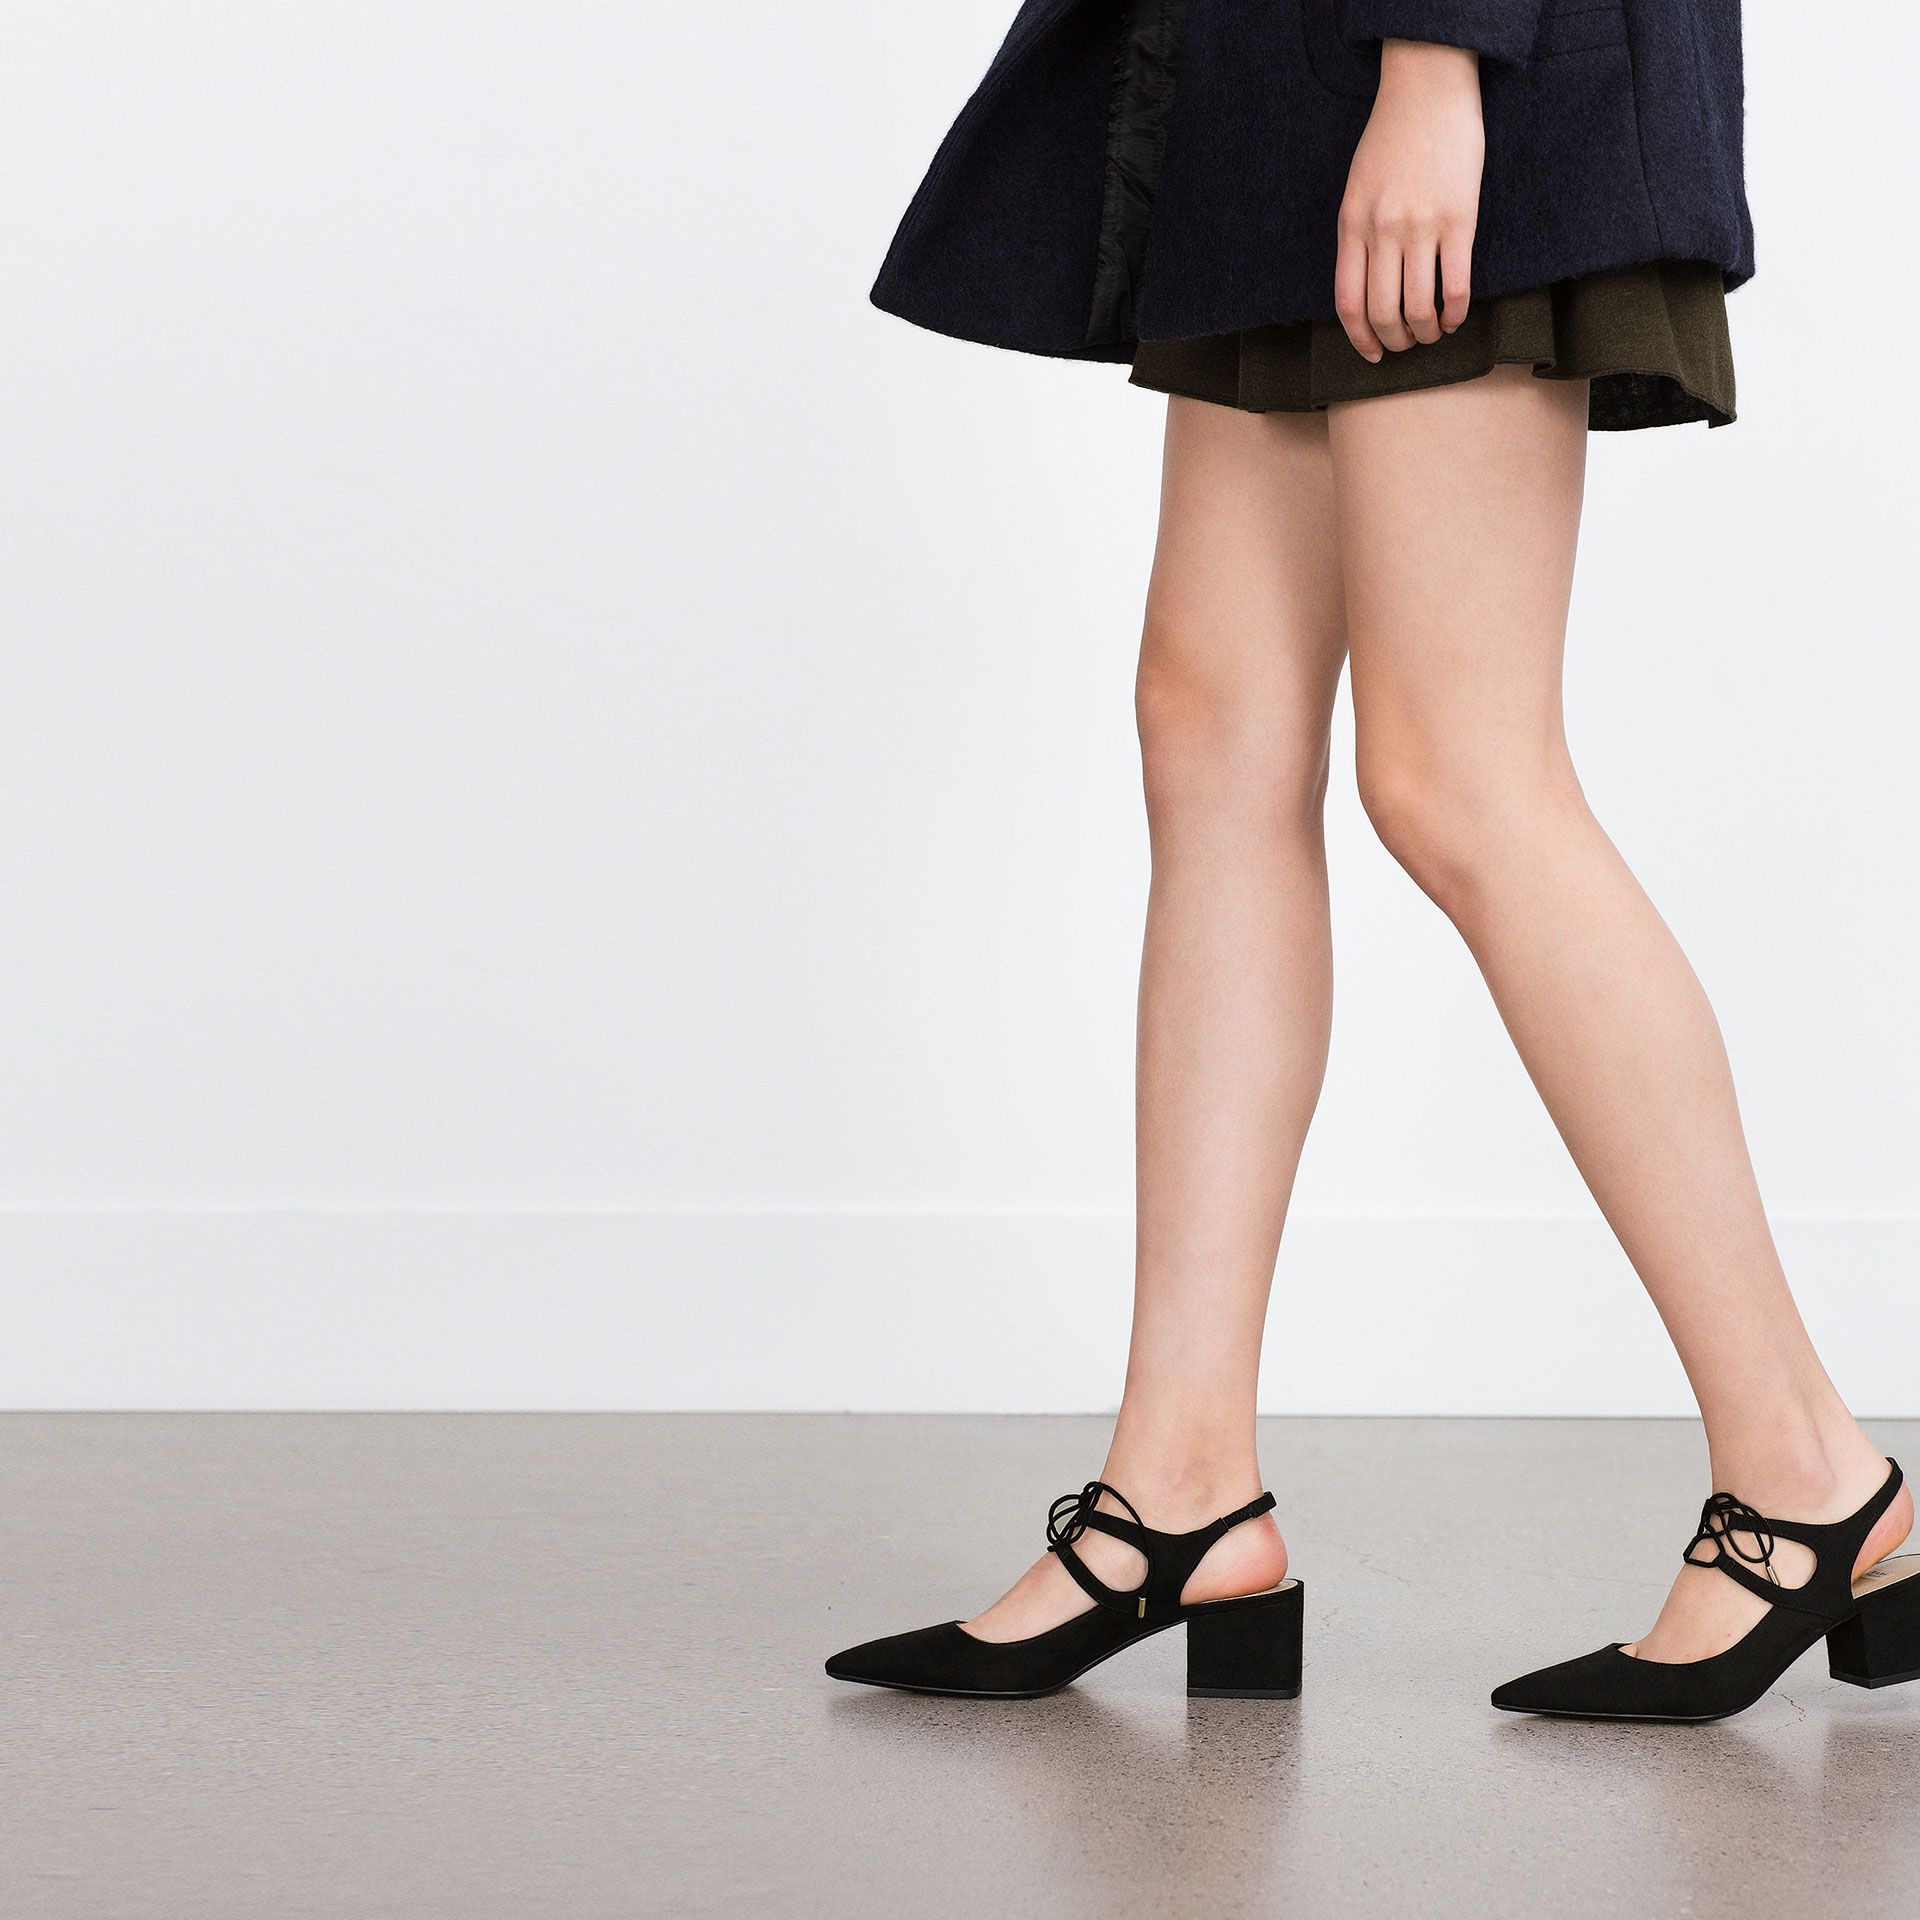 zara-black-high-heel-slingback-sandals